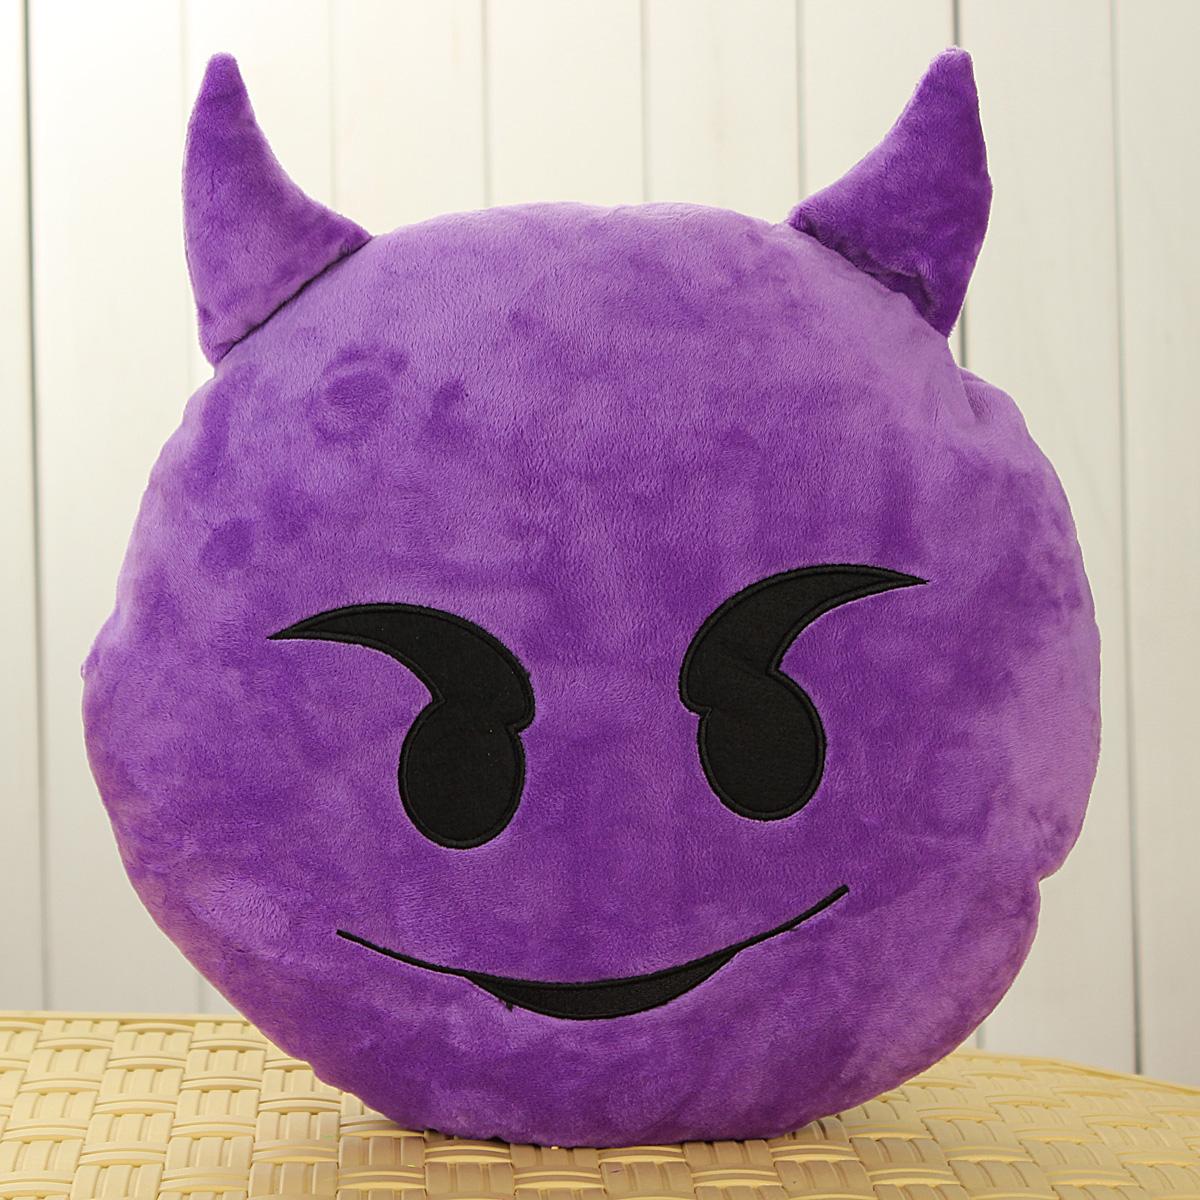 13 Tipo Emoji Emoticono Cojín Almohada Emoticon Muñeco